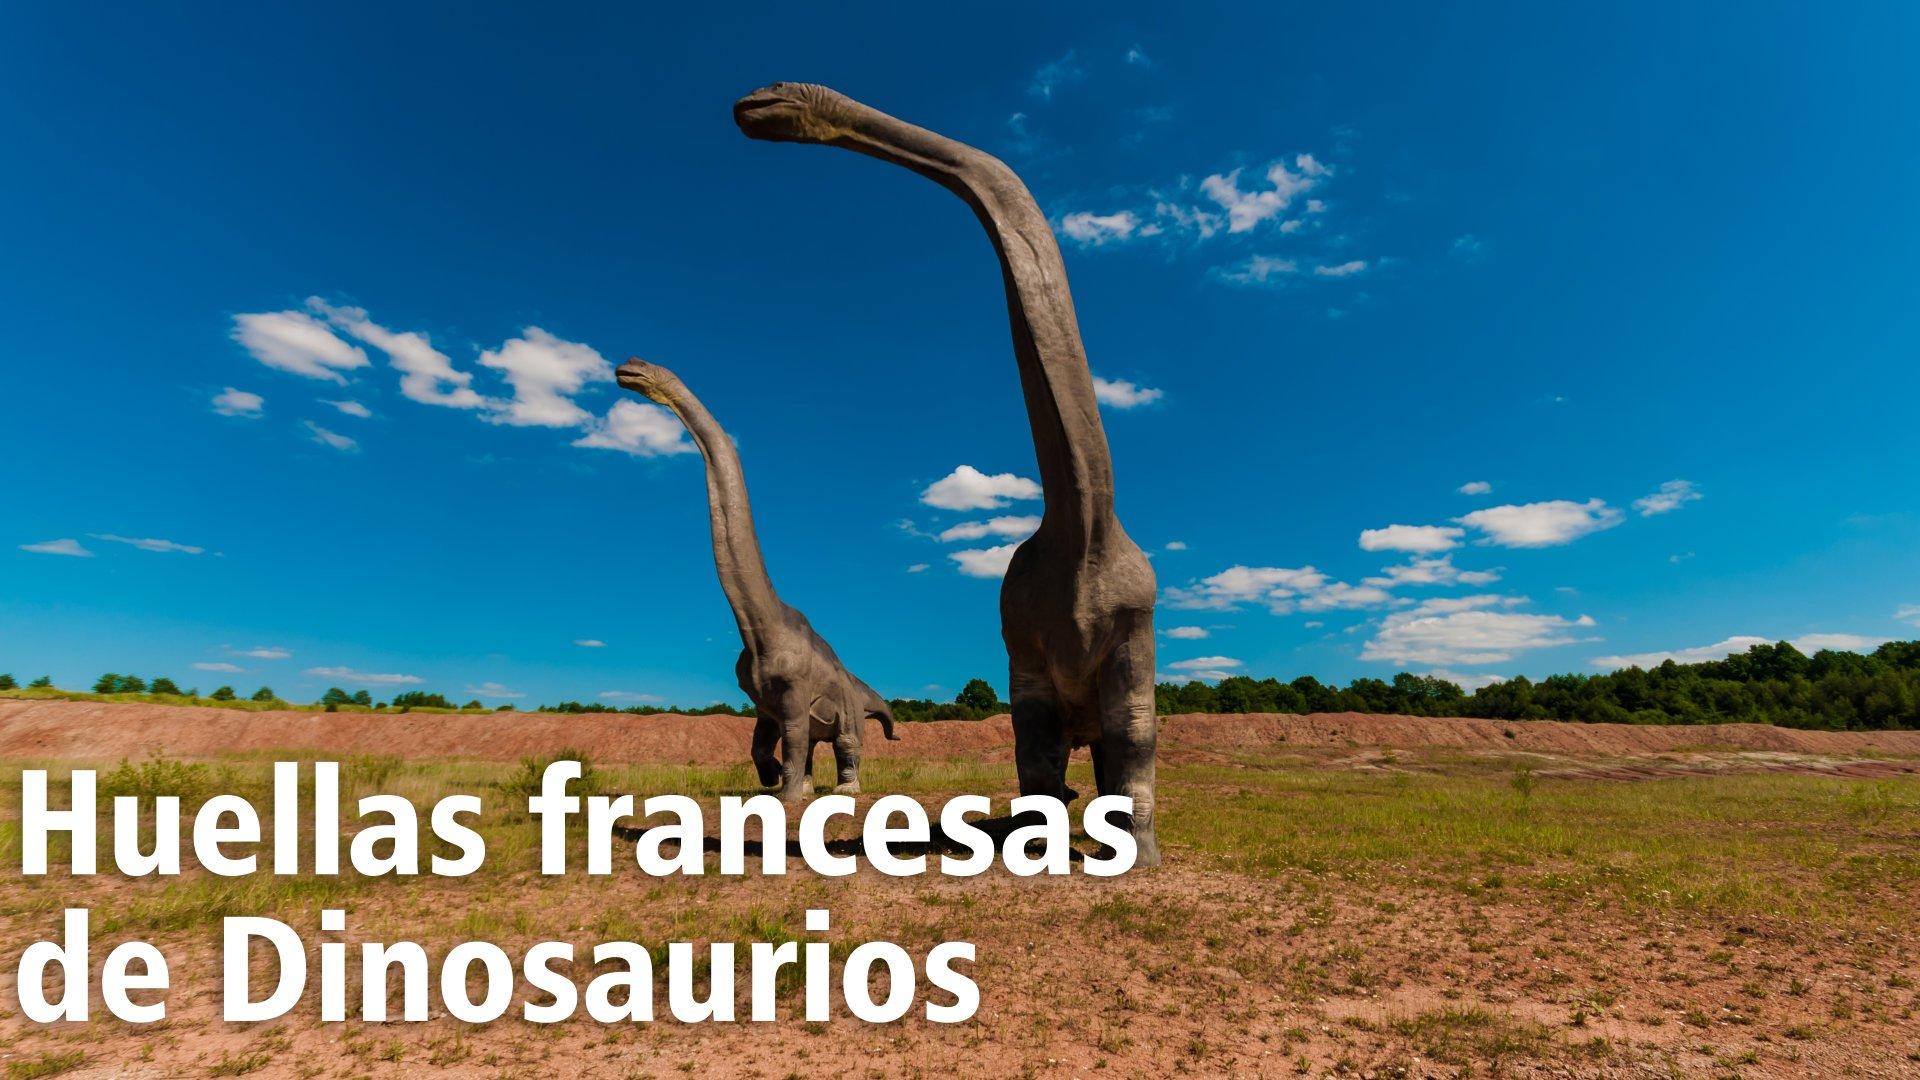 110 pisadas de Dinosaurio.  El Sendero más largo de estos reptiles está en Francia 5